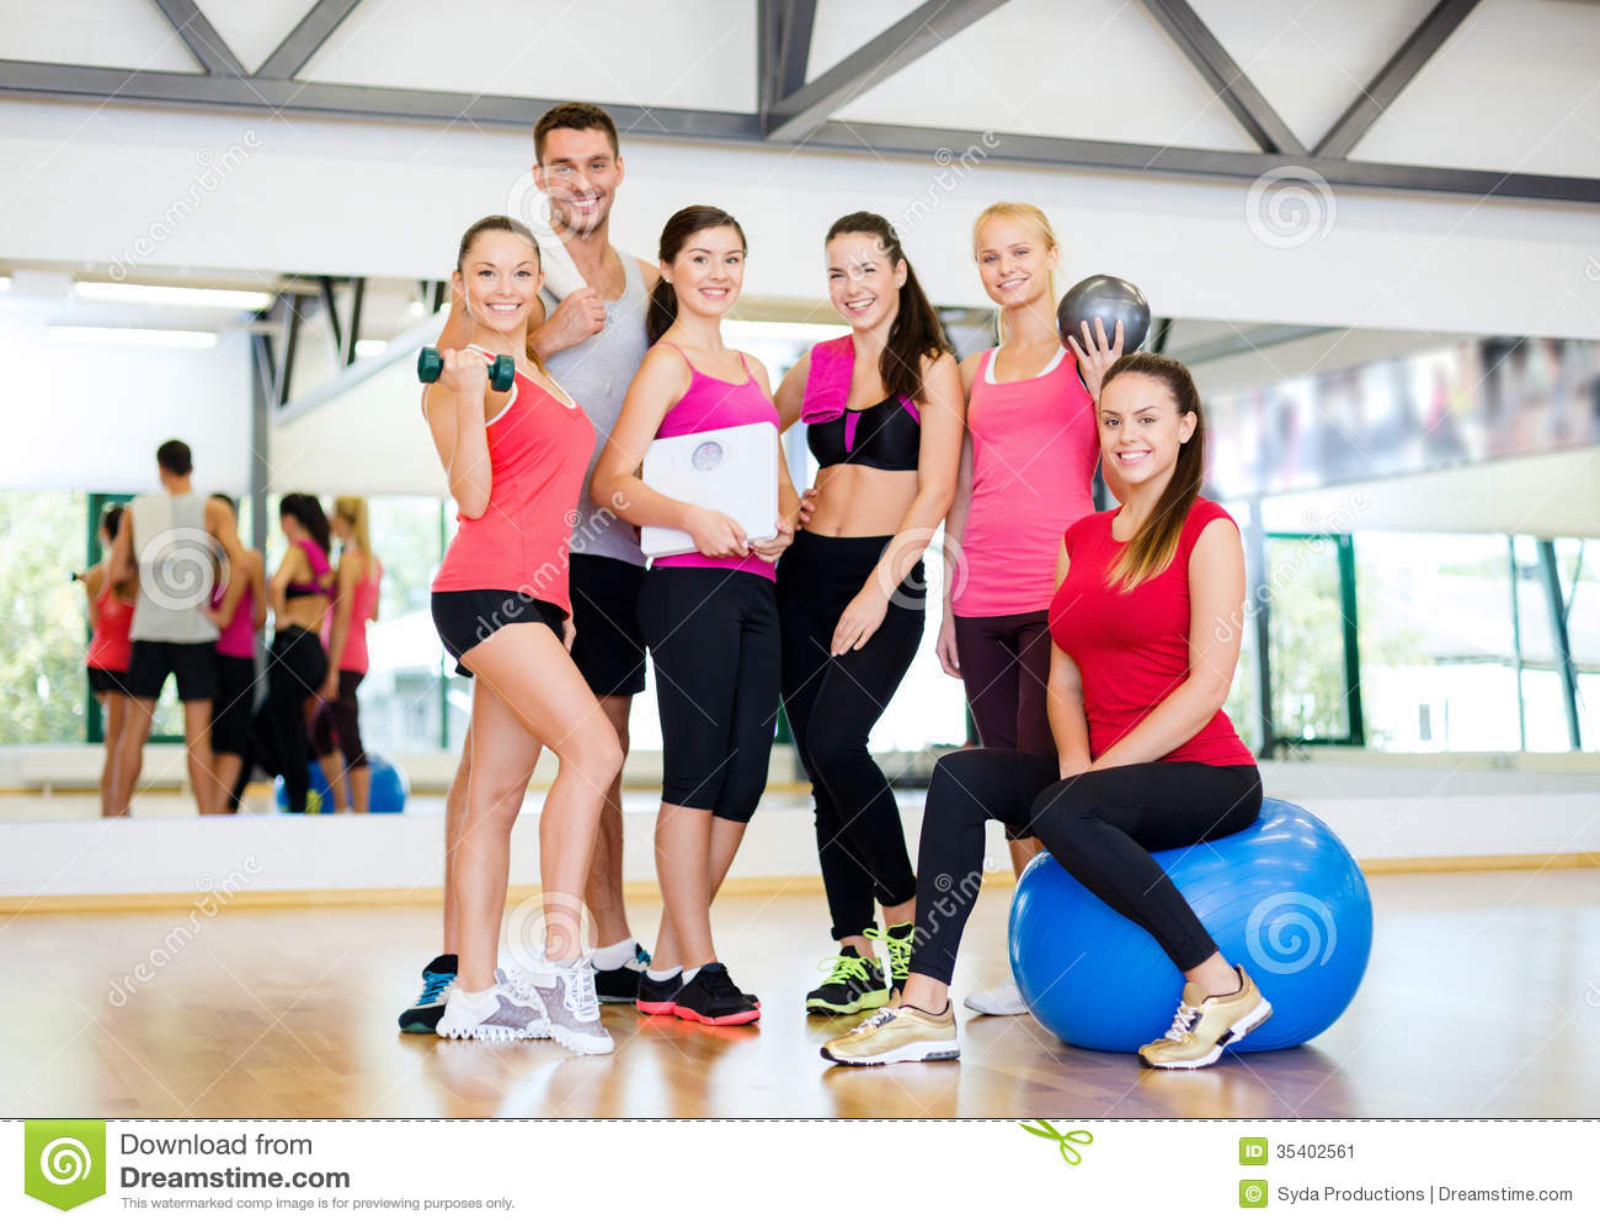 Grupo de gente sonriente en el gimnasio imagen de archivo for En el gimnasio